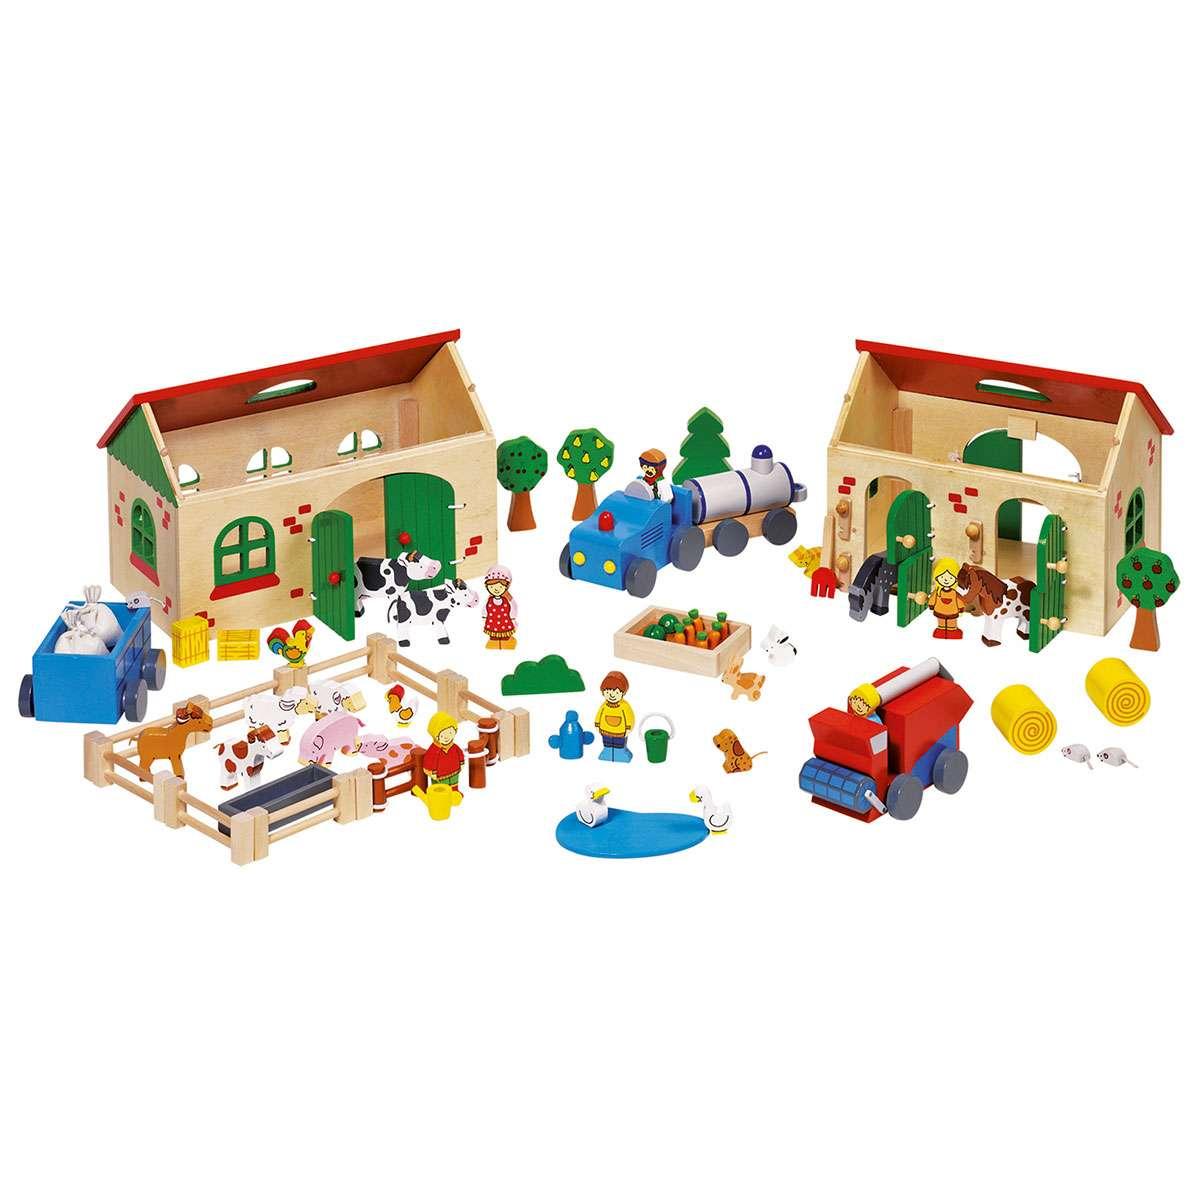 holzspielzeug: bauernhof aus holz - nostalgie im kinderzimmer